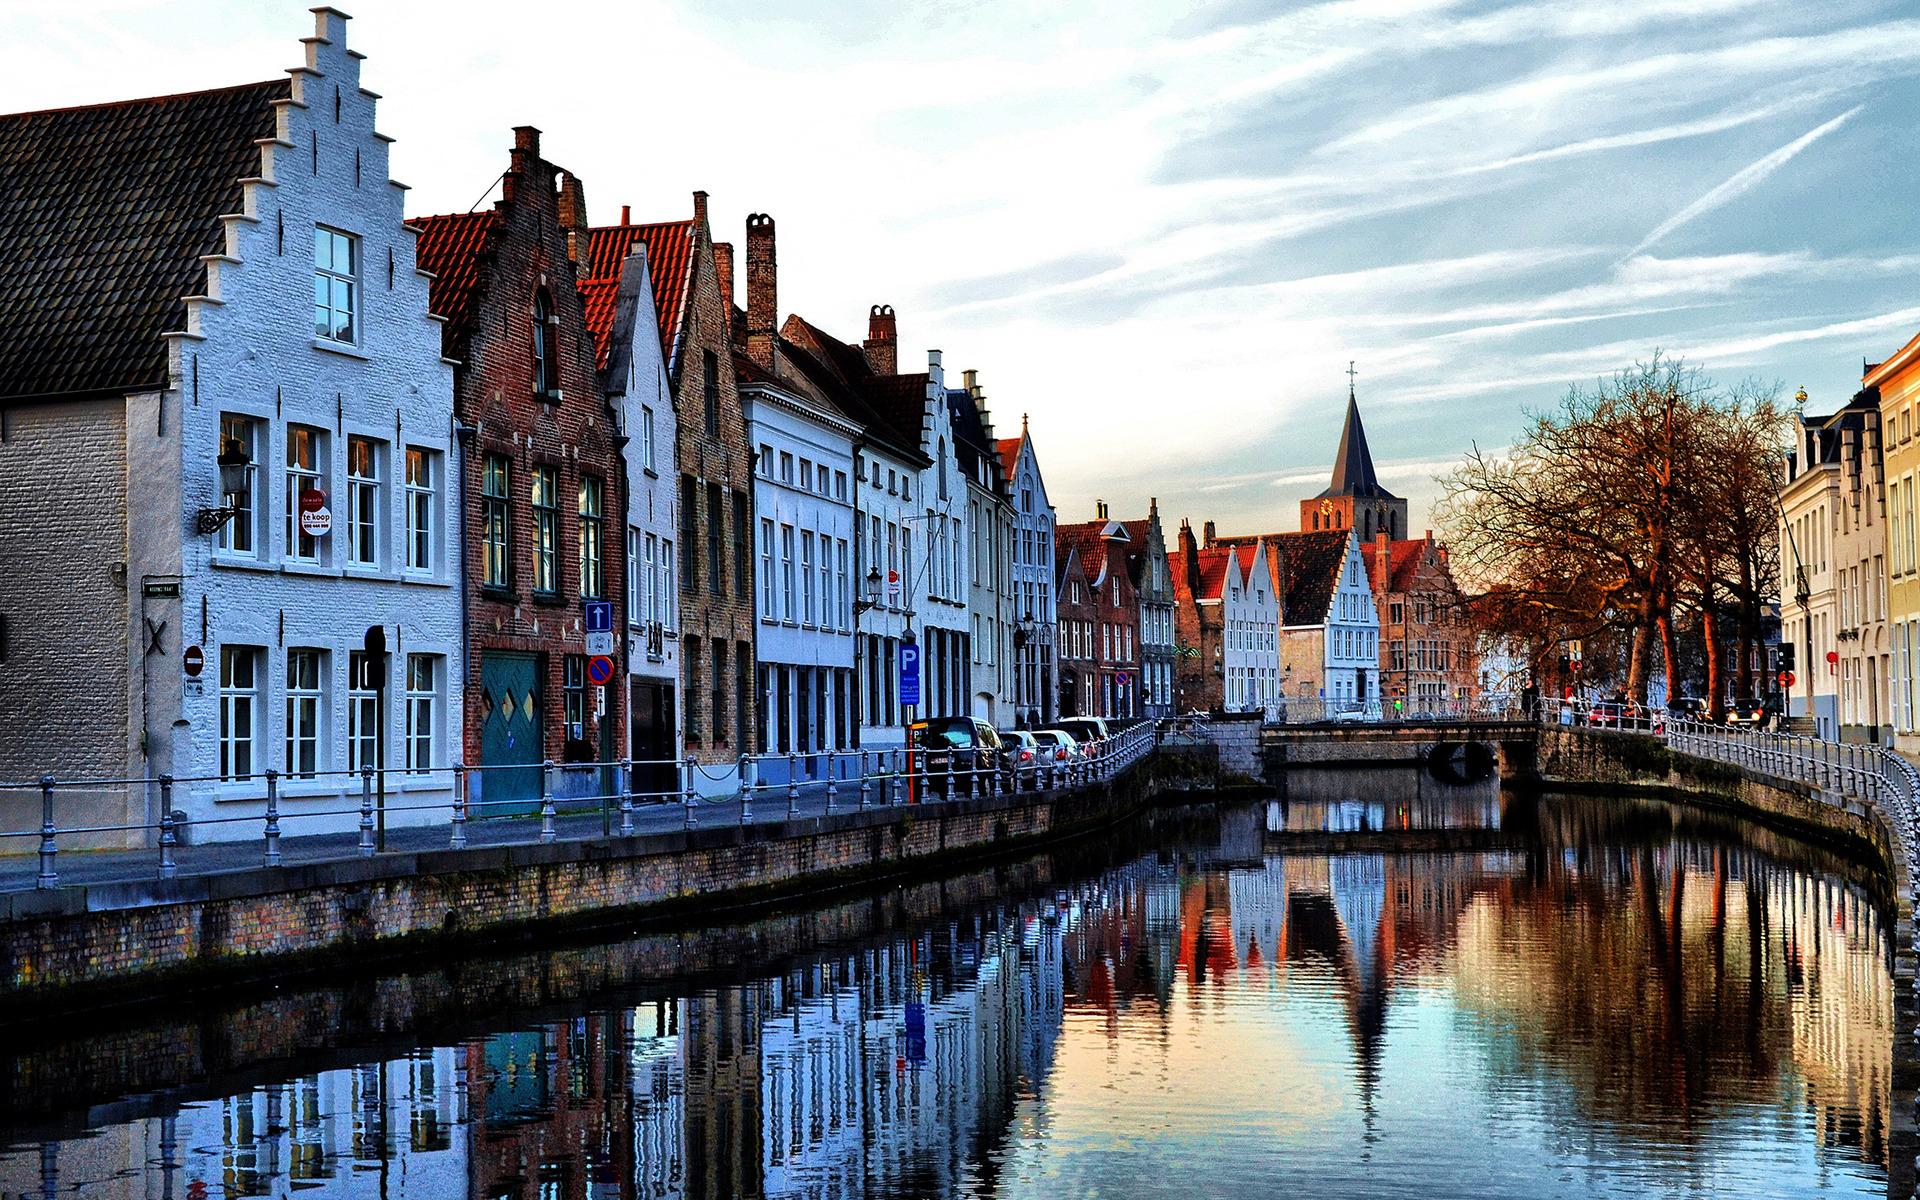 Плюс 3 евро за каждую ночь: Амстердам становится для туристов еще дороже, Туристам Коломны, виза аэропорт